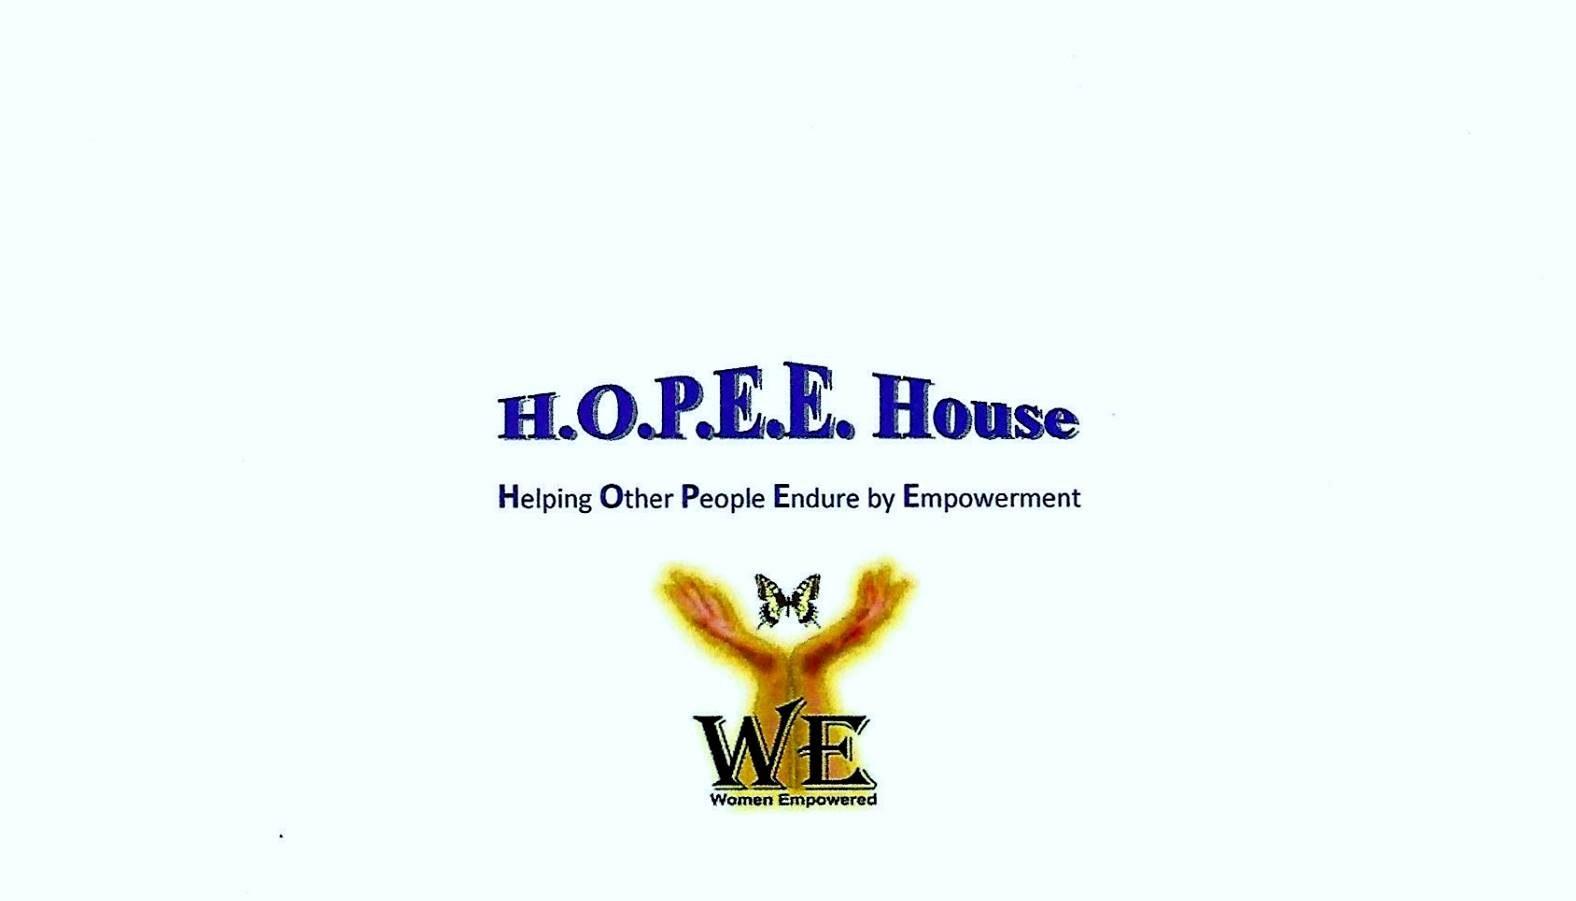 H.O.P.E.E House